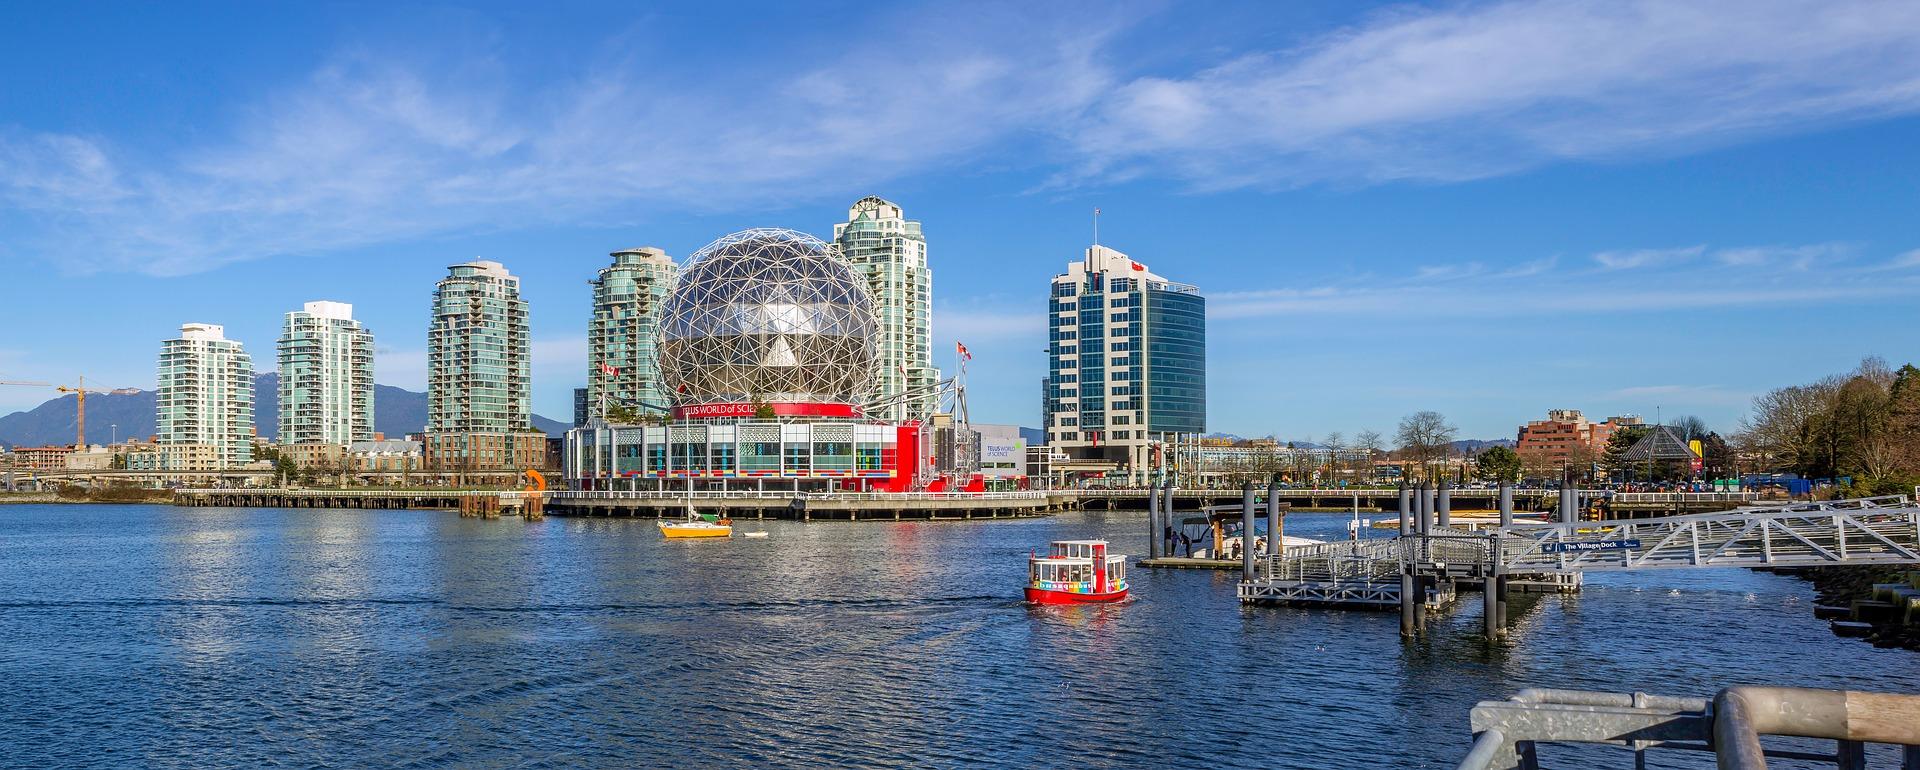 Skyline d'immeubles sur l'eau à Vancouver par George Triay sur Pixabay